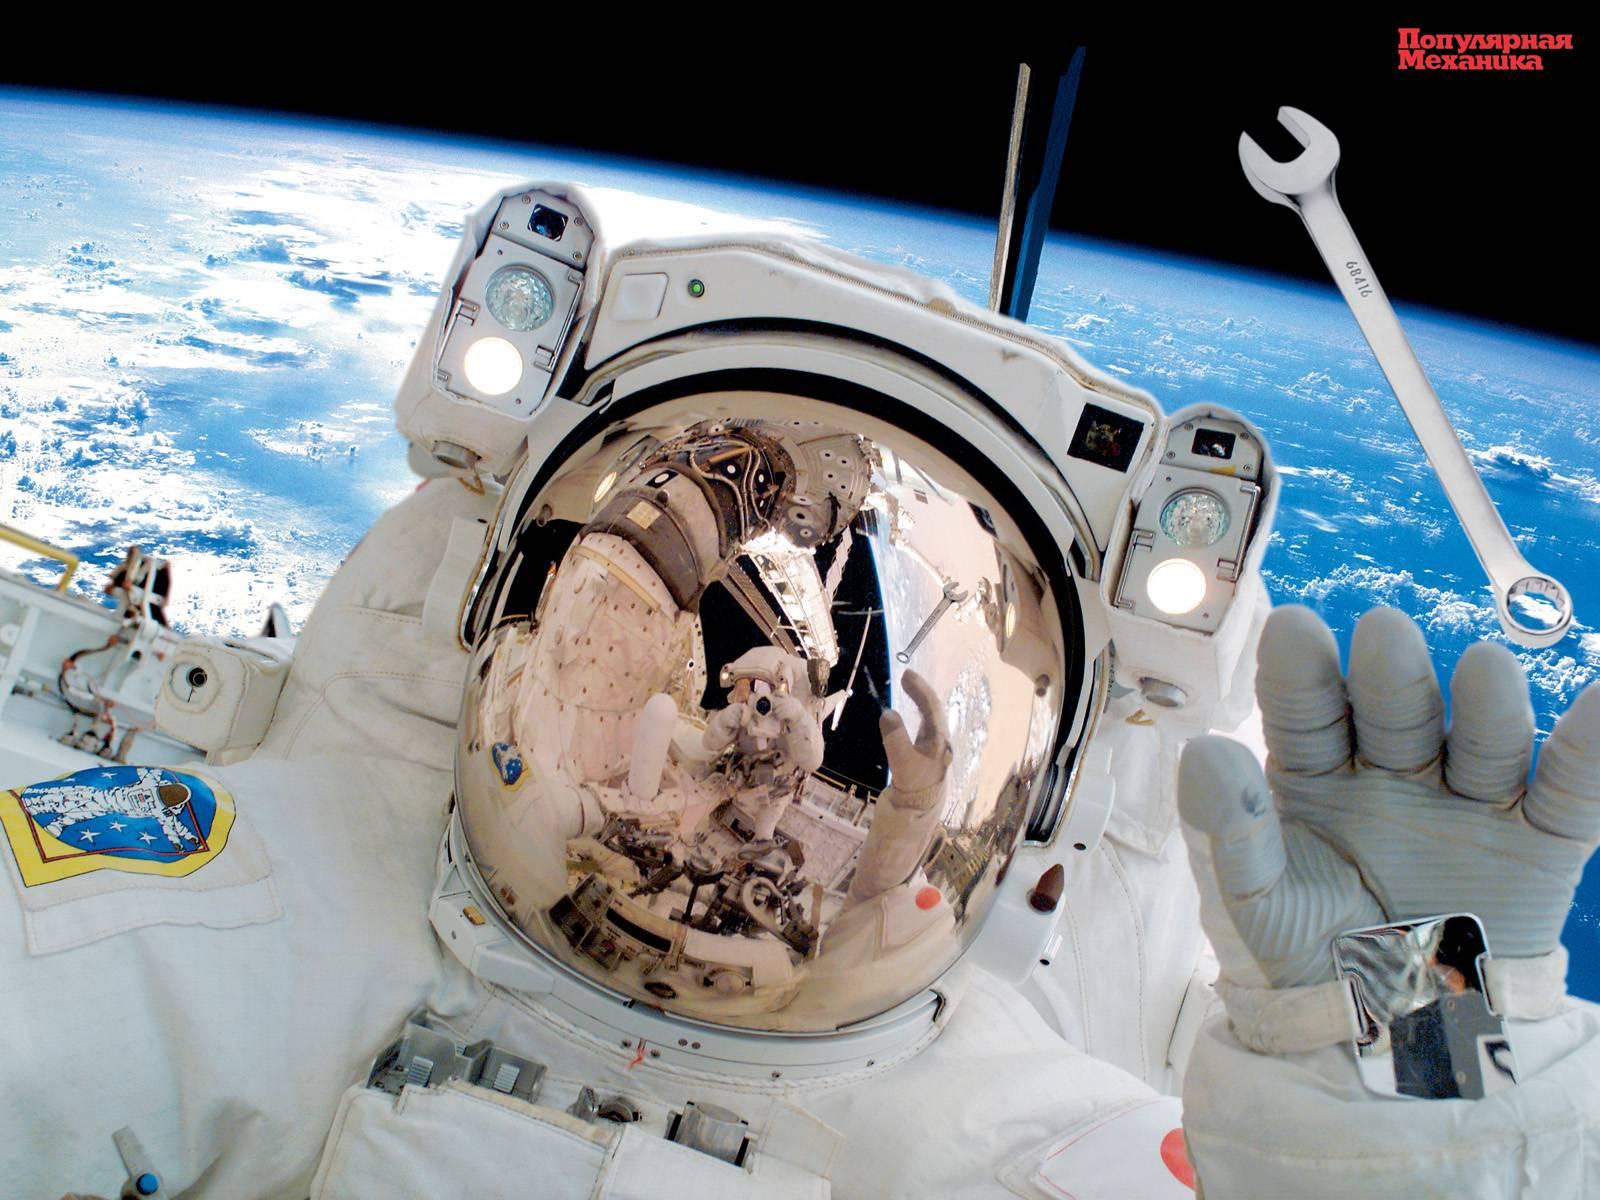 Космонавт в открытом космосе 1600x1200 224KB Космос Популярная механика